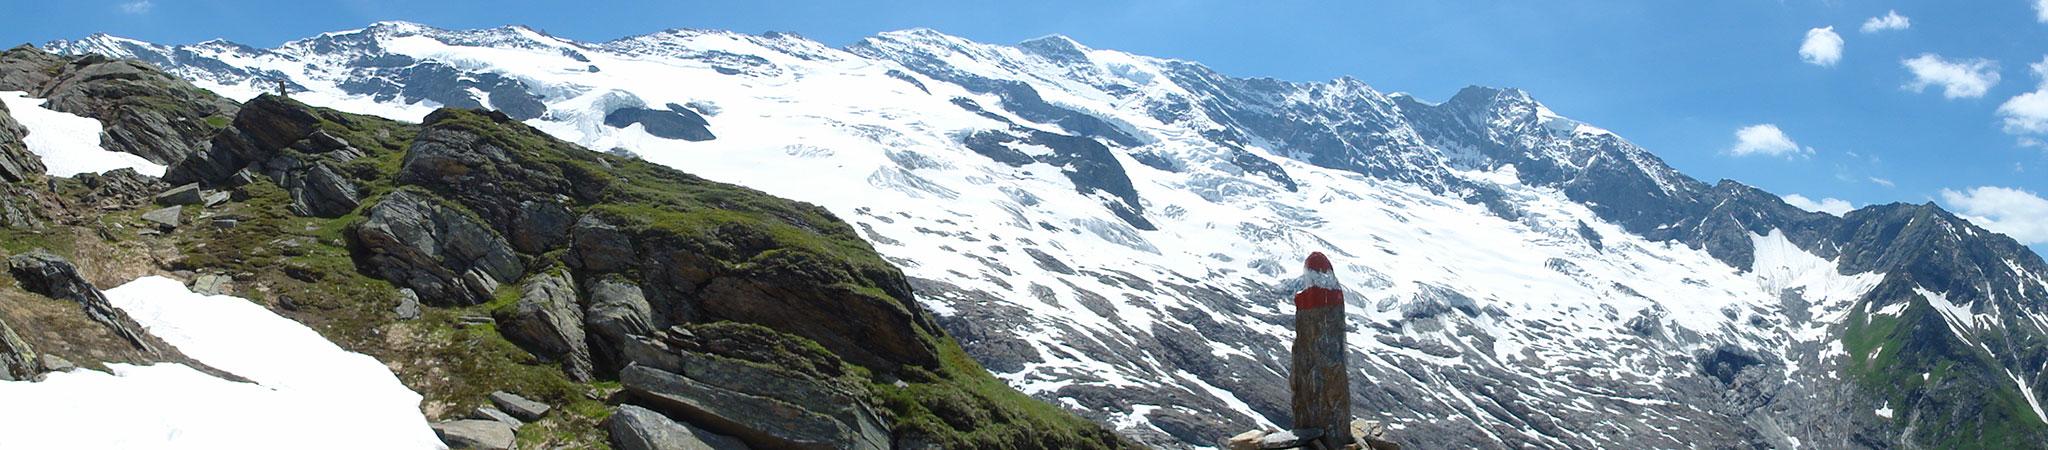 Arnoweg: Das imposante Krimmler Kees bildet die Kulisse beim Aufstieg von der Warnsdorfer Hütte auf das Gamsspitzl.